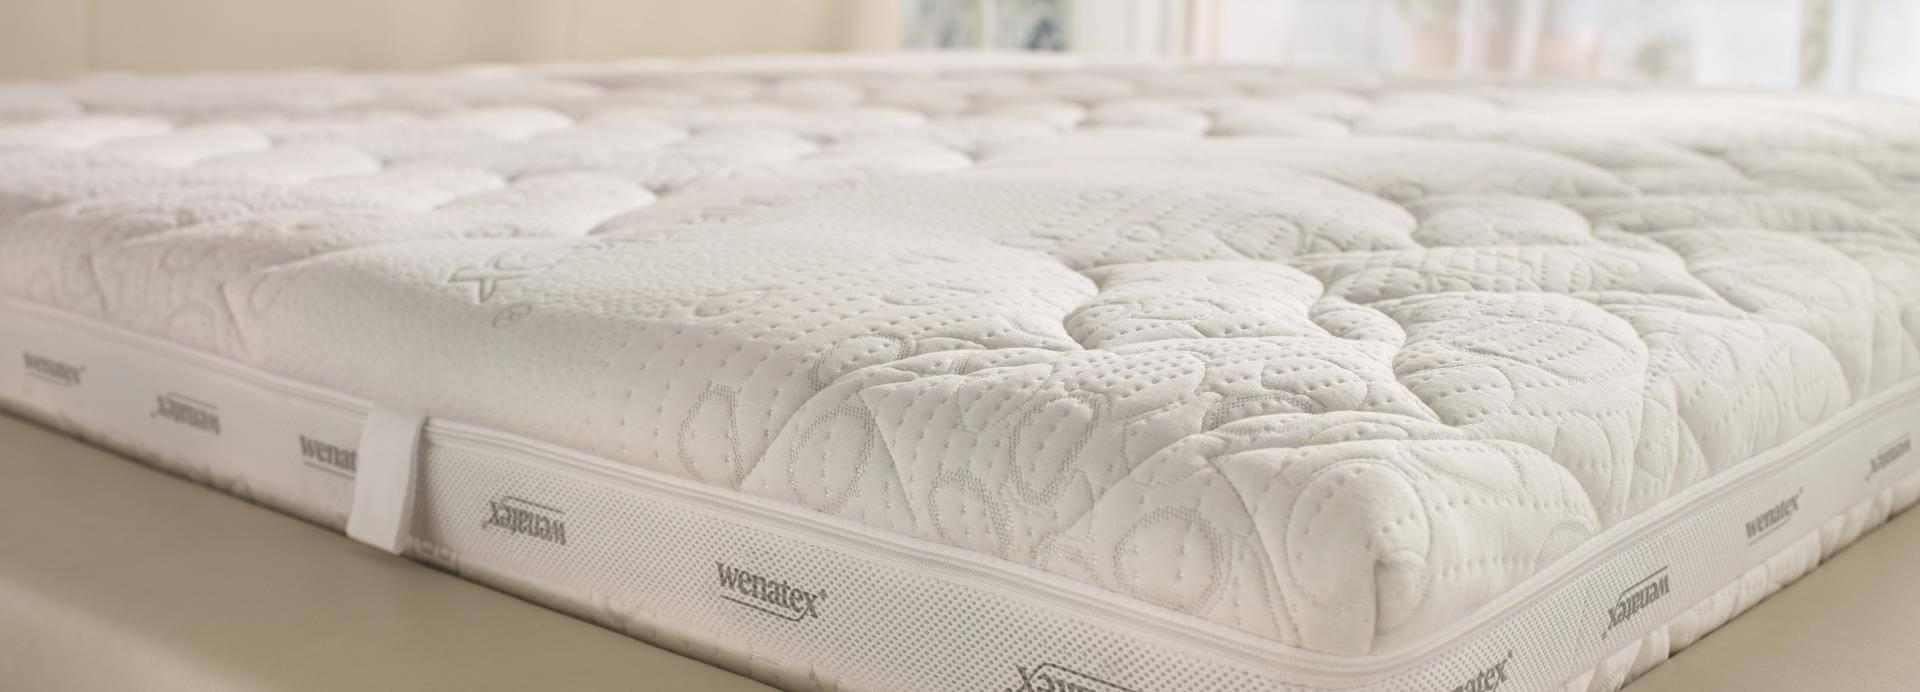 wenaCel® sensitive Matratze in gängigen Maßen und Sondergrößen passend für jedes Bett